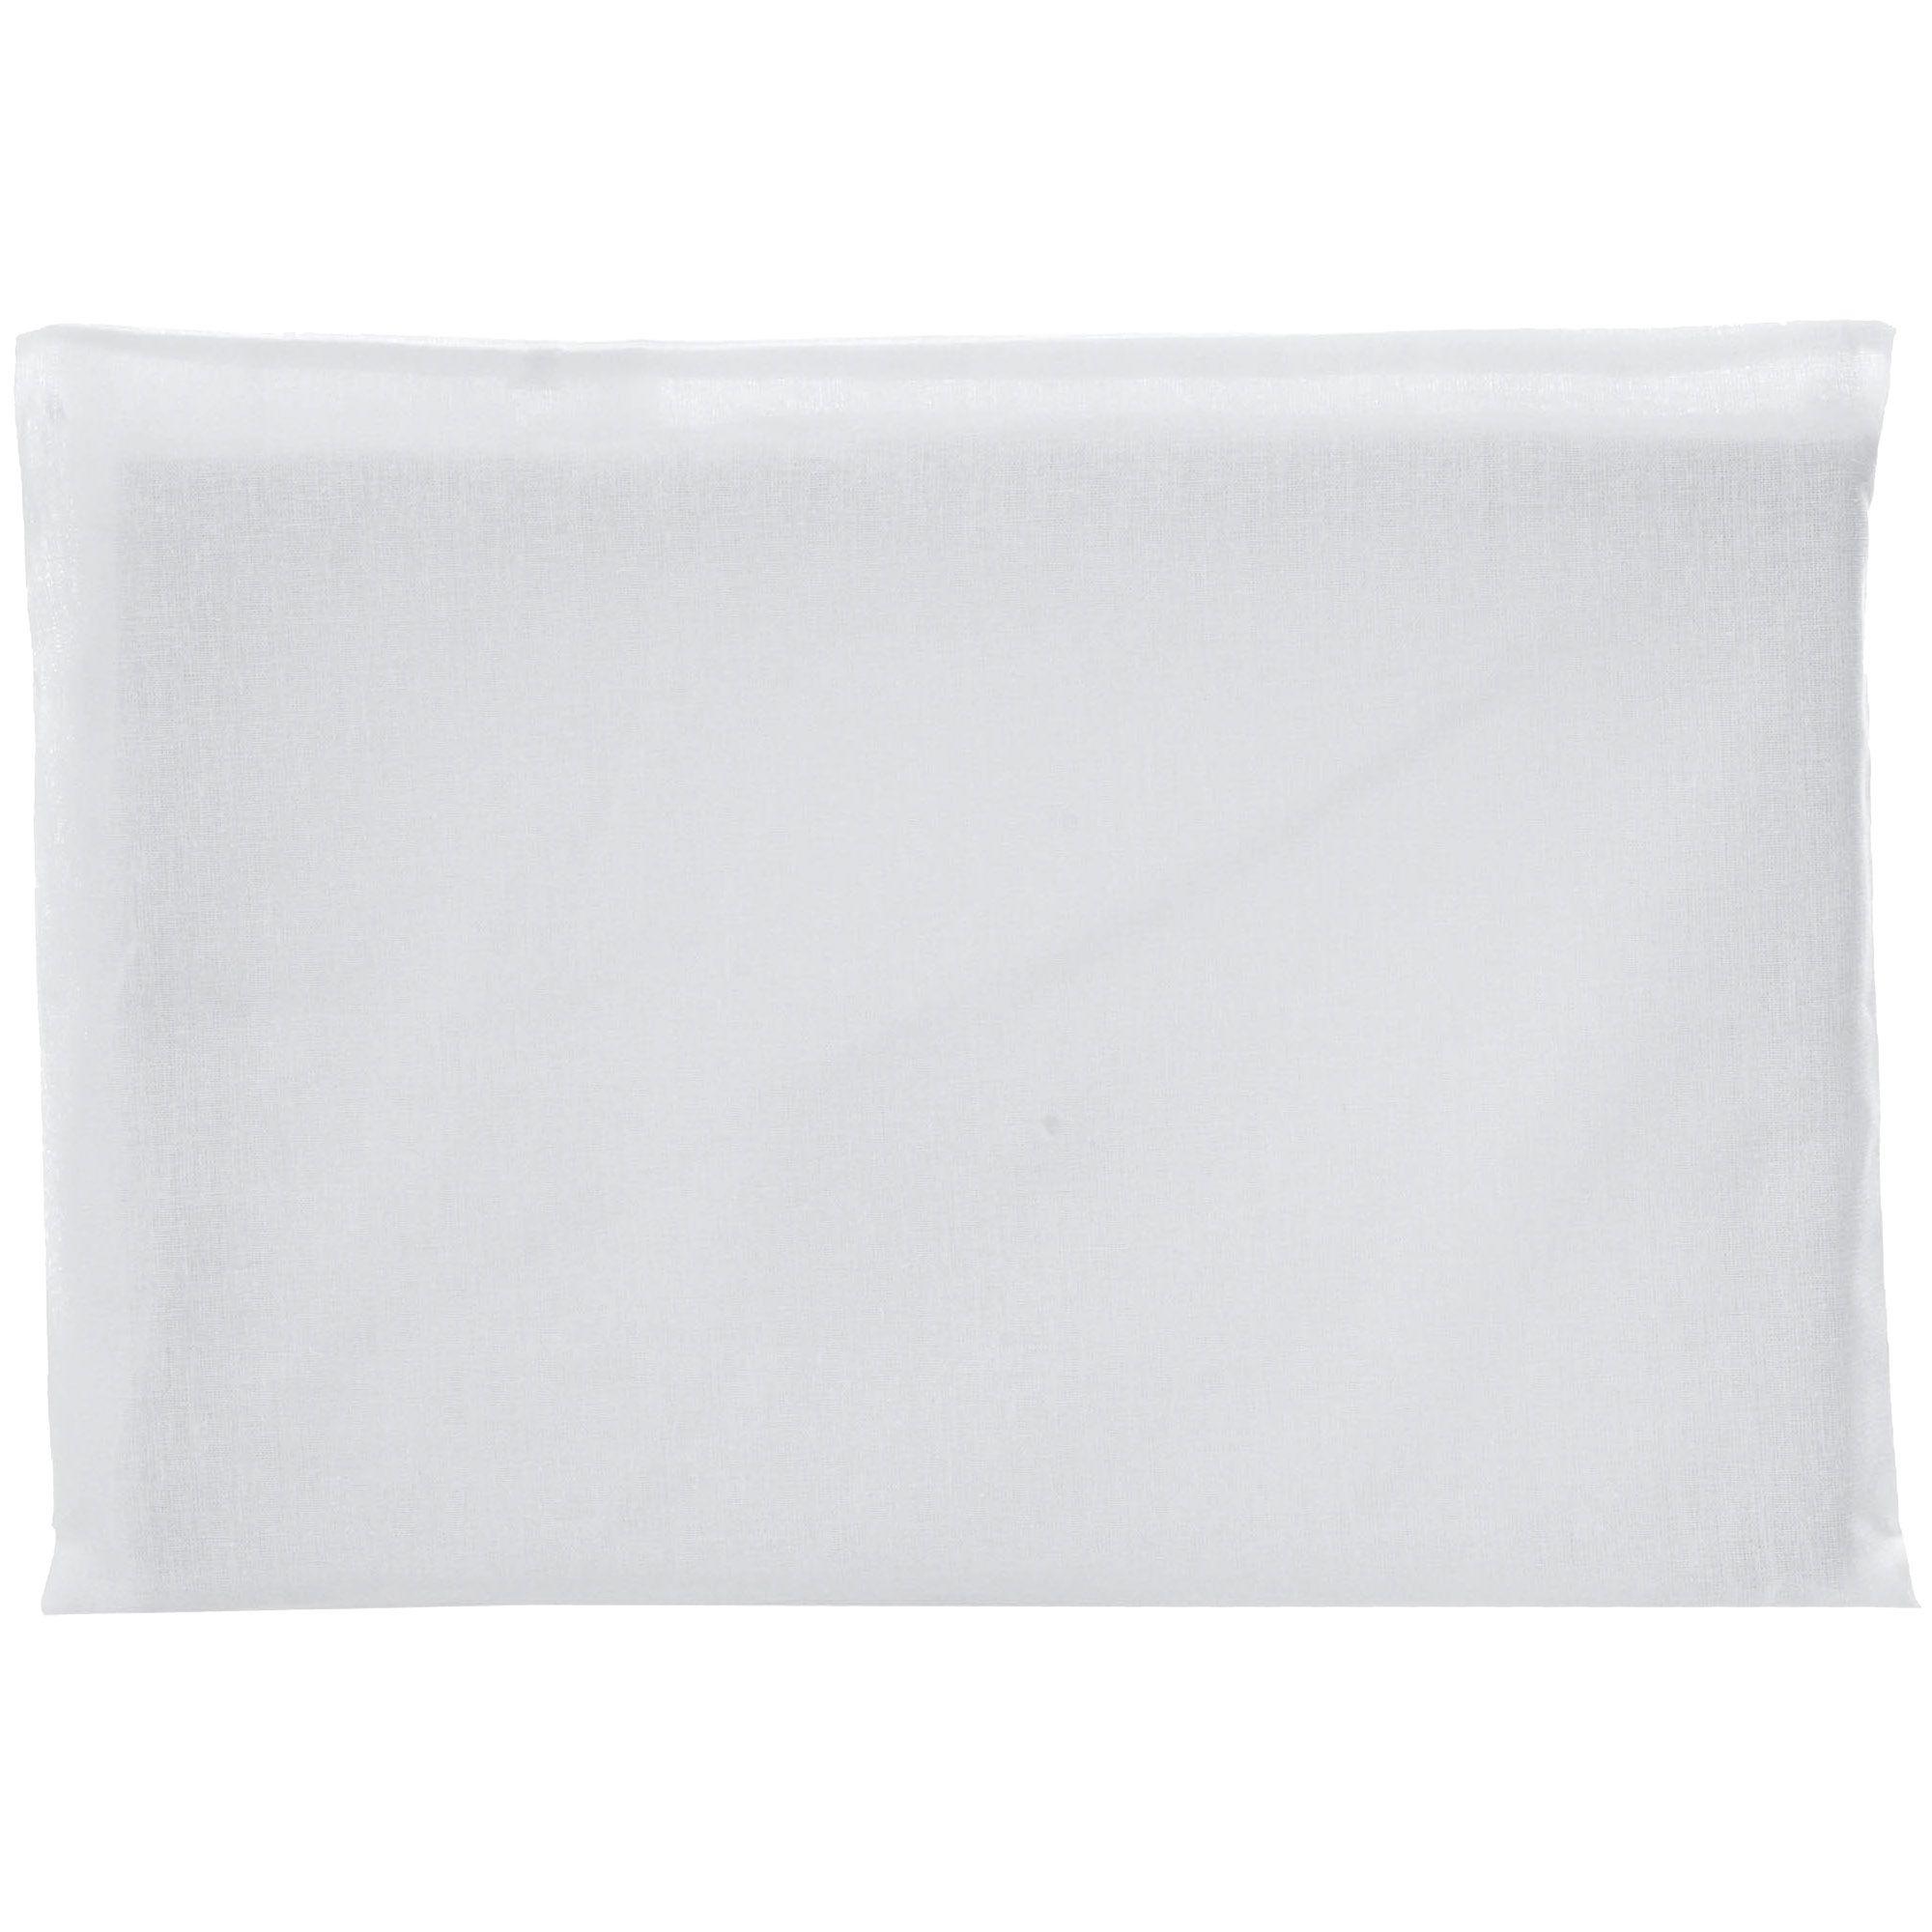 Travesseiro Antissufocante Incomfral Bambi - Liso - Branco